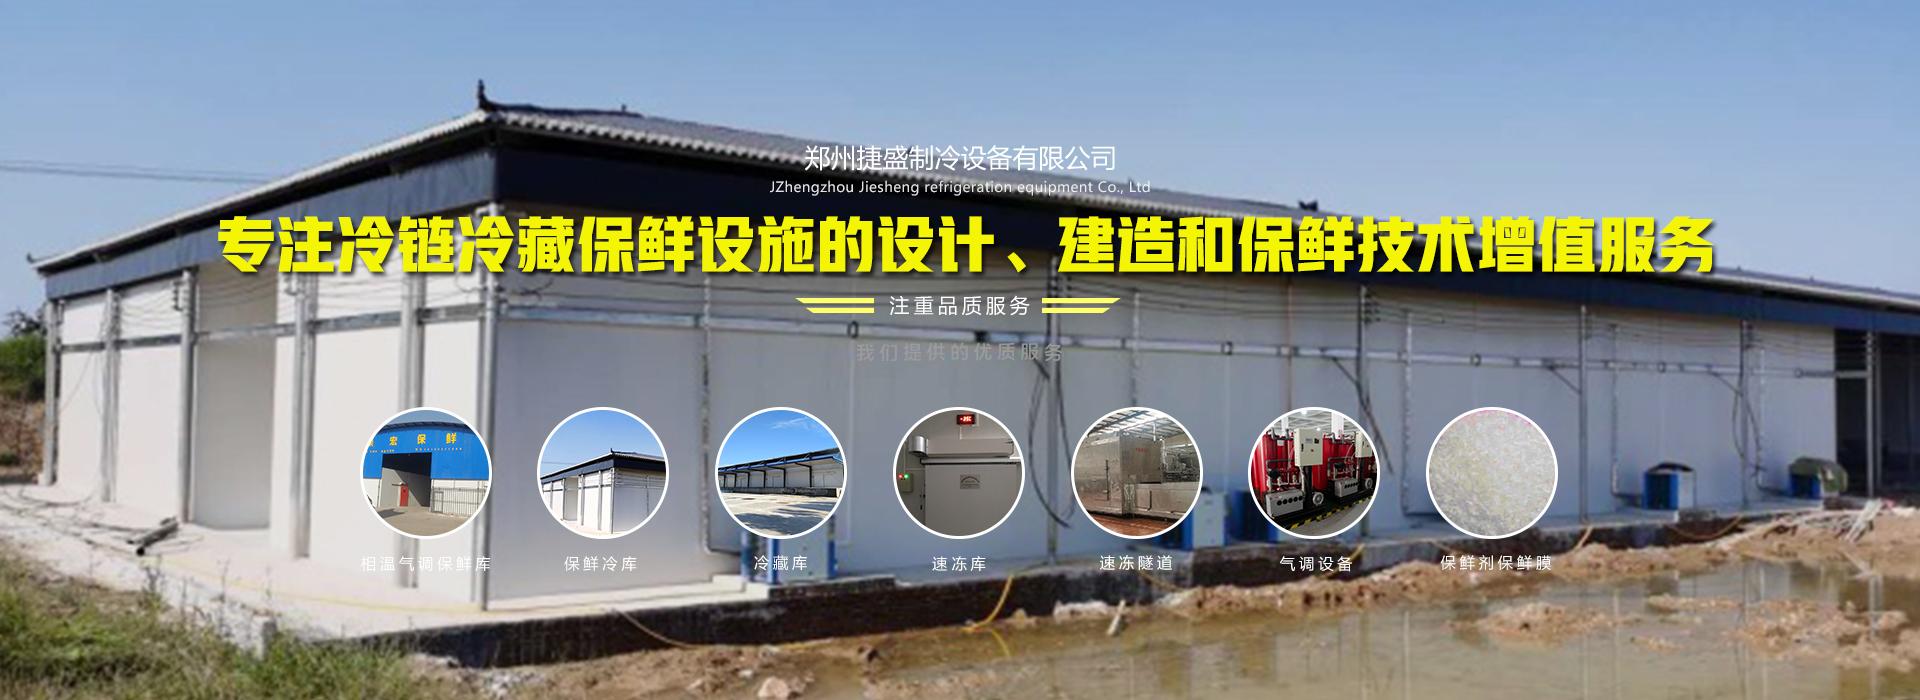 郑州捷盛制冷设备有限公司